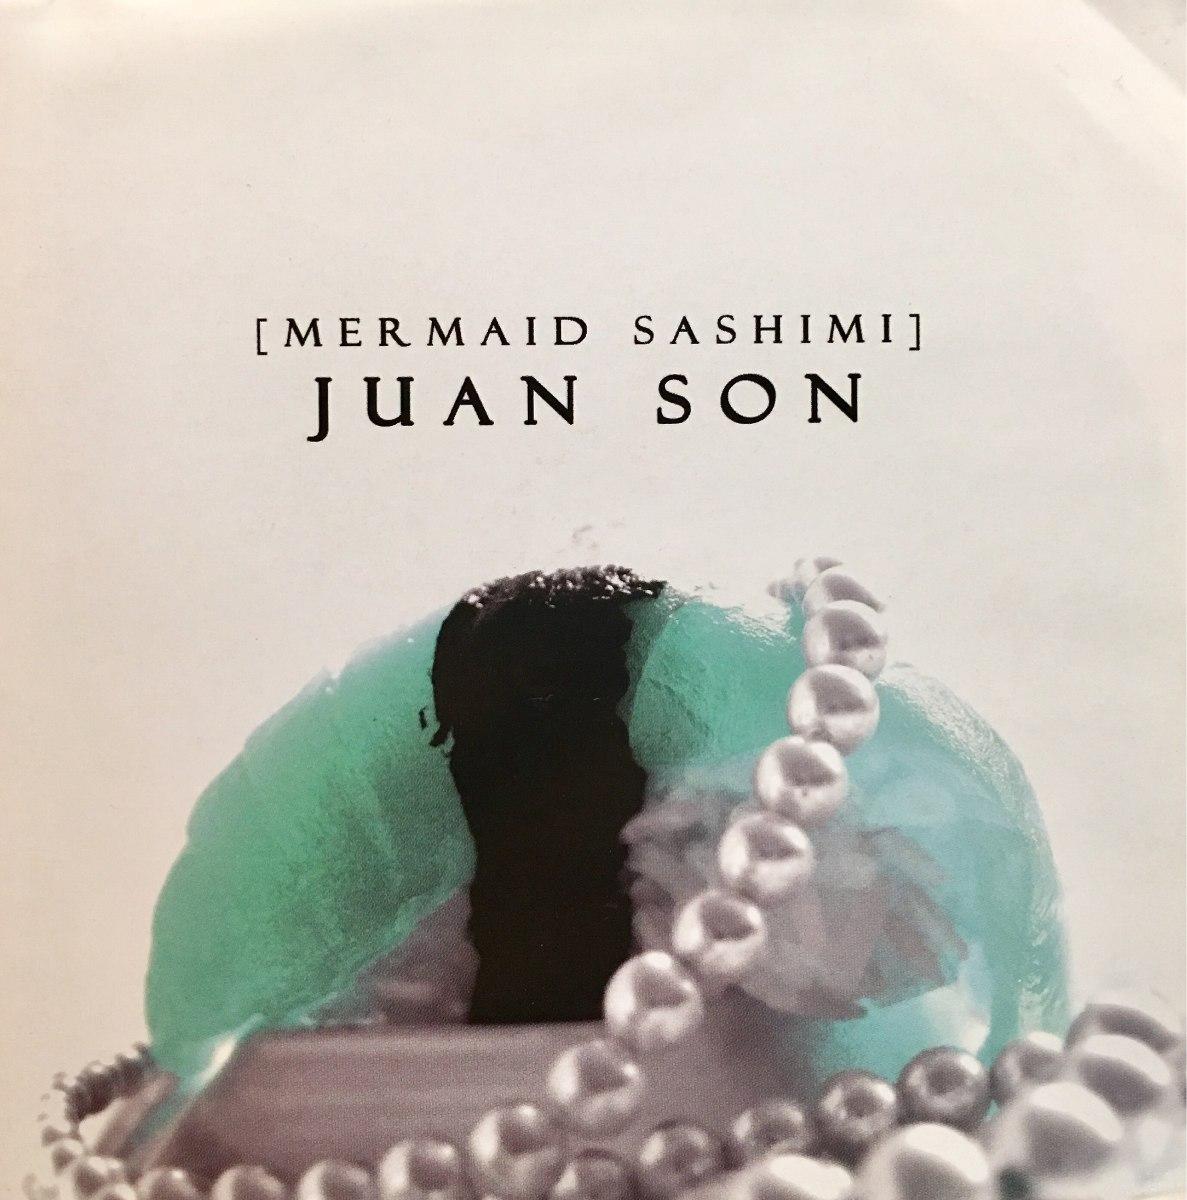 juan son mermaid sashimi